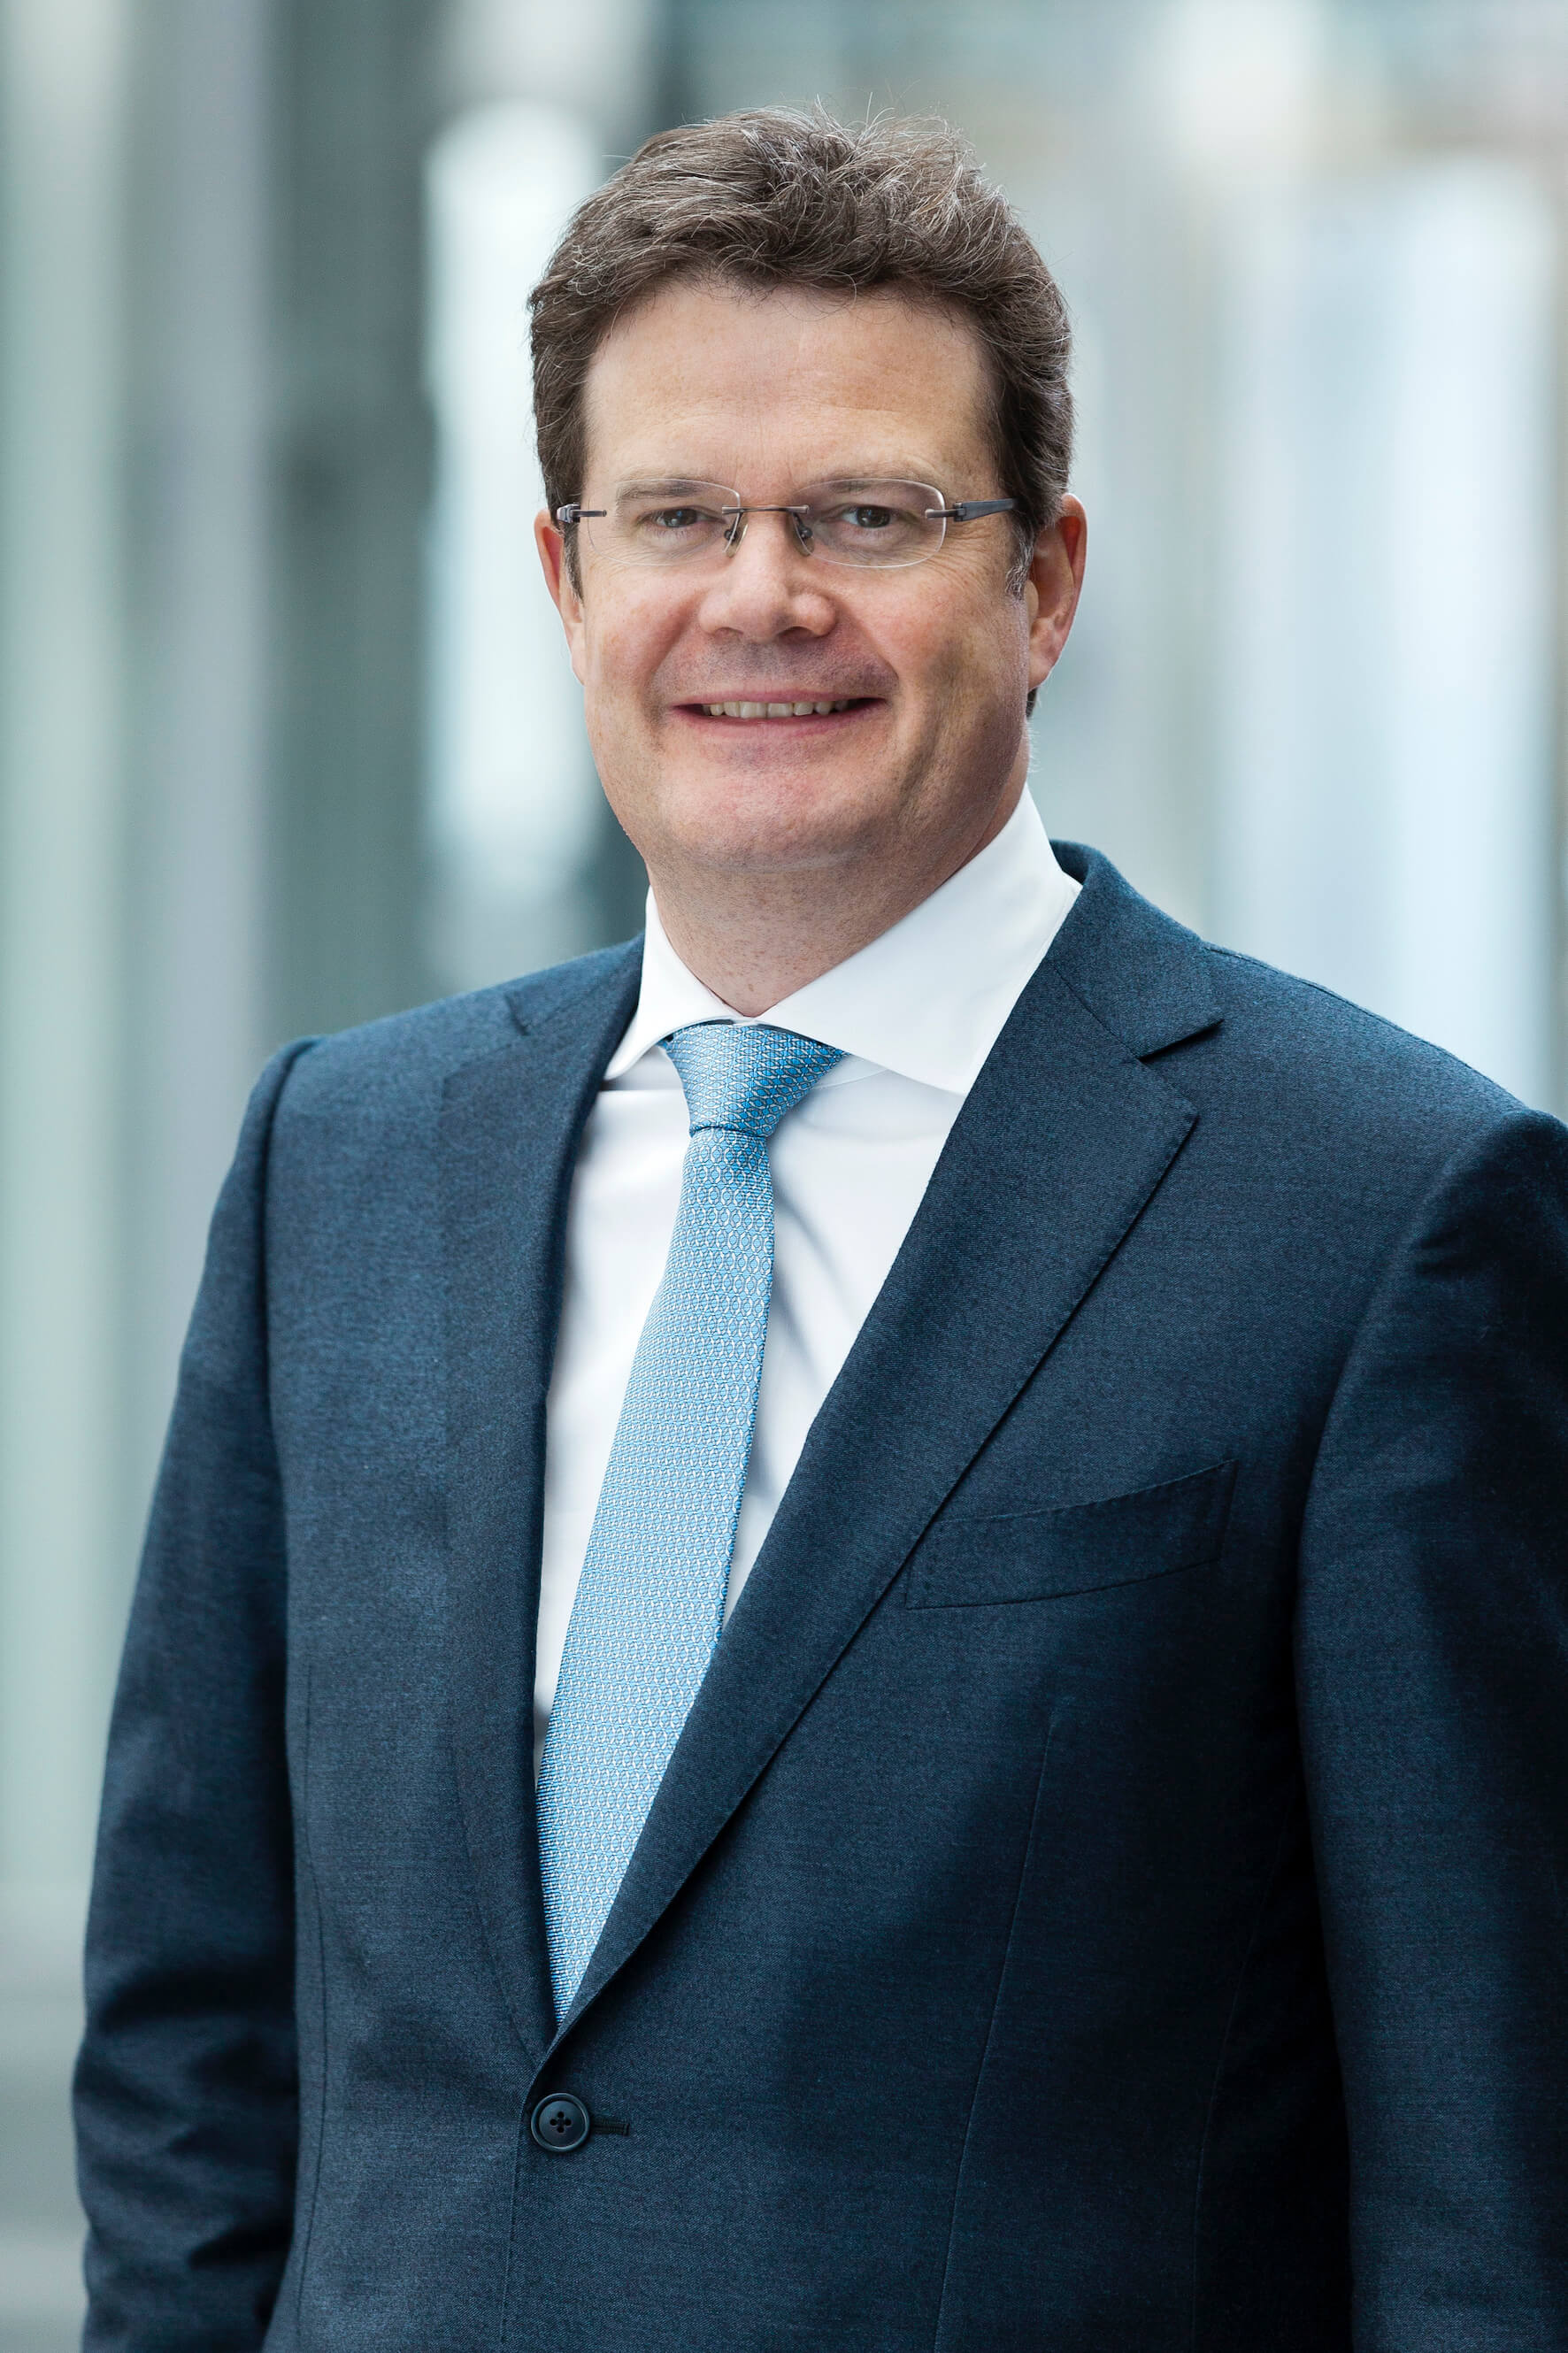 Christian Leicher